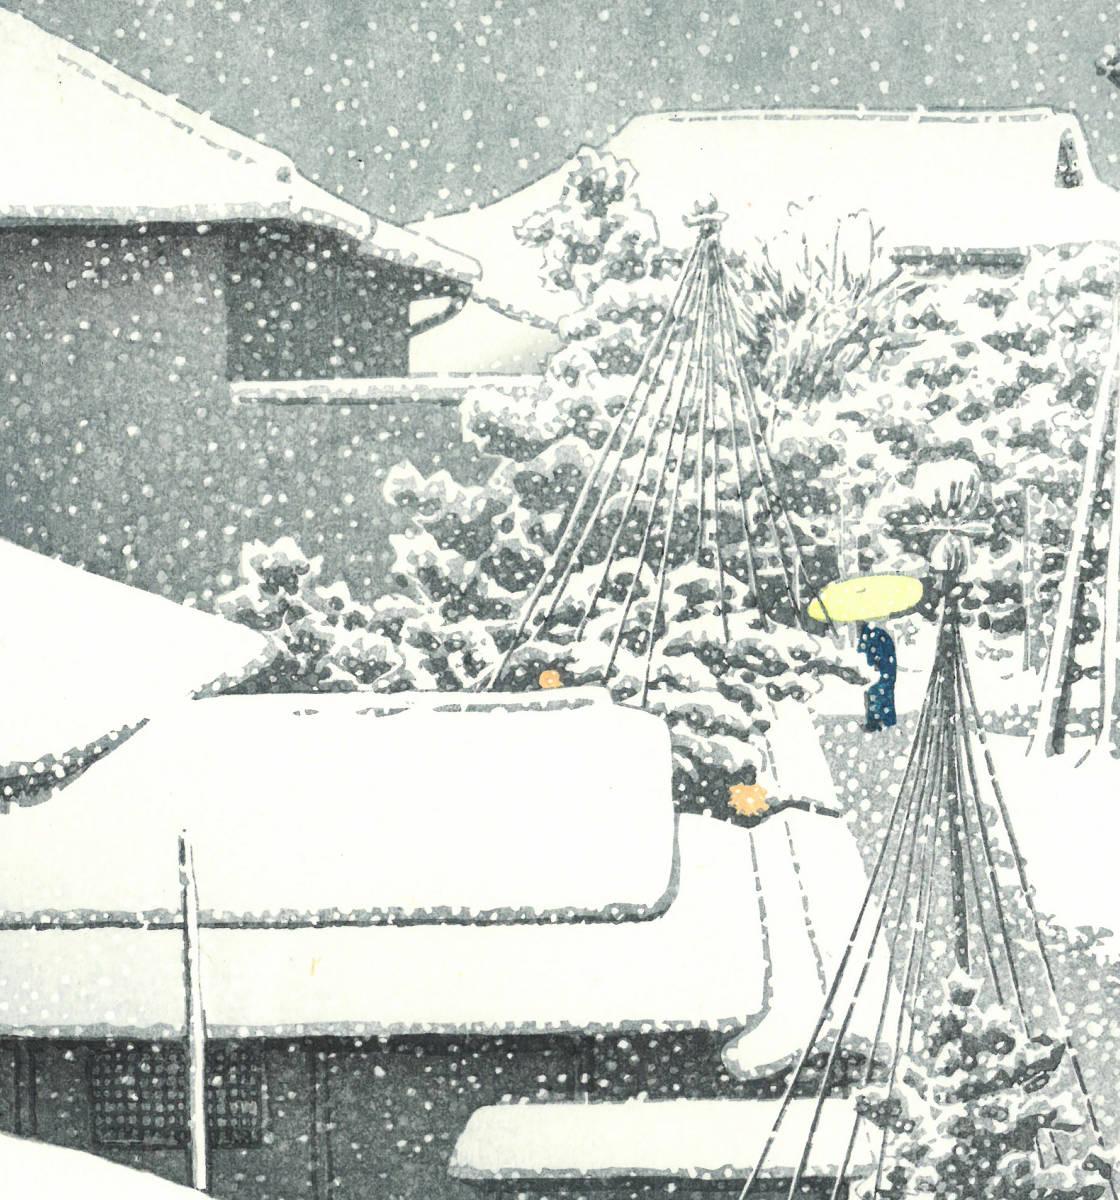 川瀬巴水 木版画  HKS-16 代地の雪  初版 1925年 大正14年2月 (新版画) 一流の摺師の技をご堪能下さい。_画像9